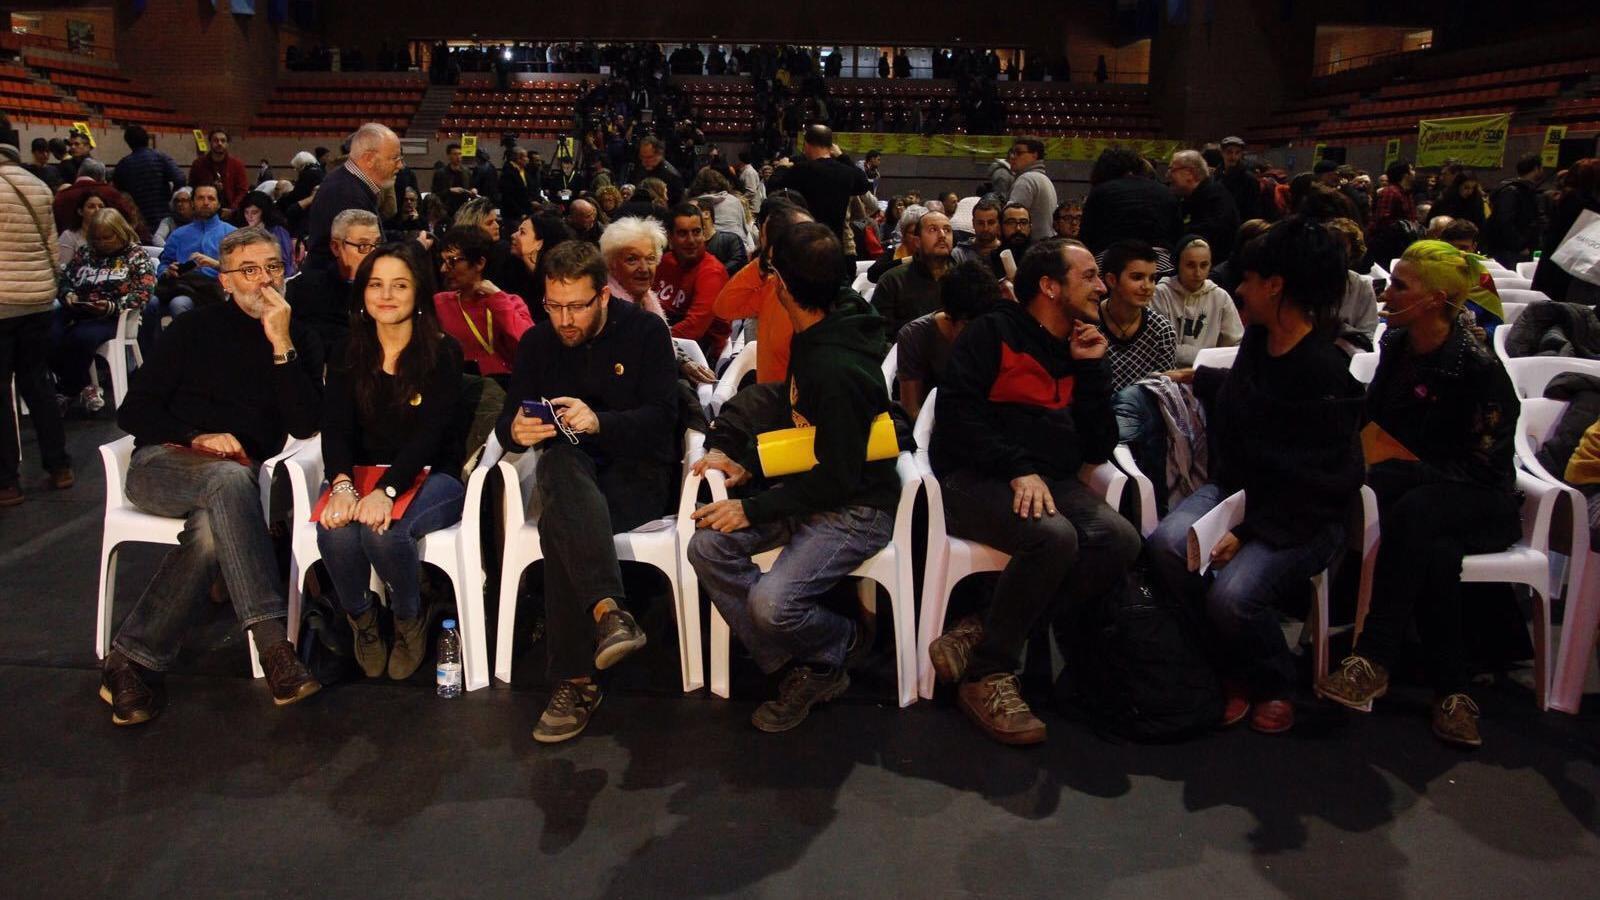 Carles Riera, Maria Sirvent, Vidal Aragonès amb els exdiputats David Fernàndez i Anna Gabriel abans de començar l'acte central de la CUP a Barcelona